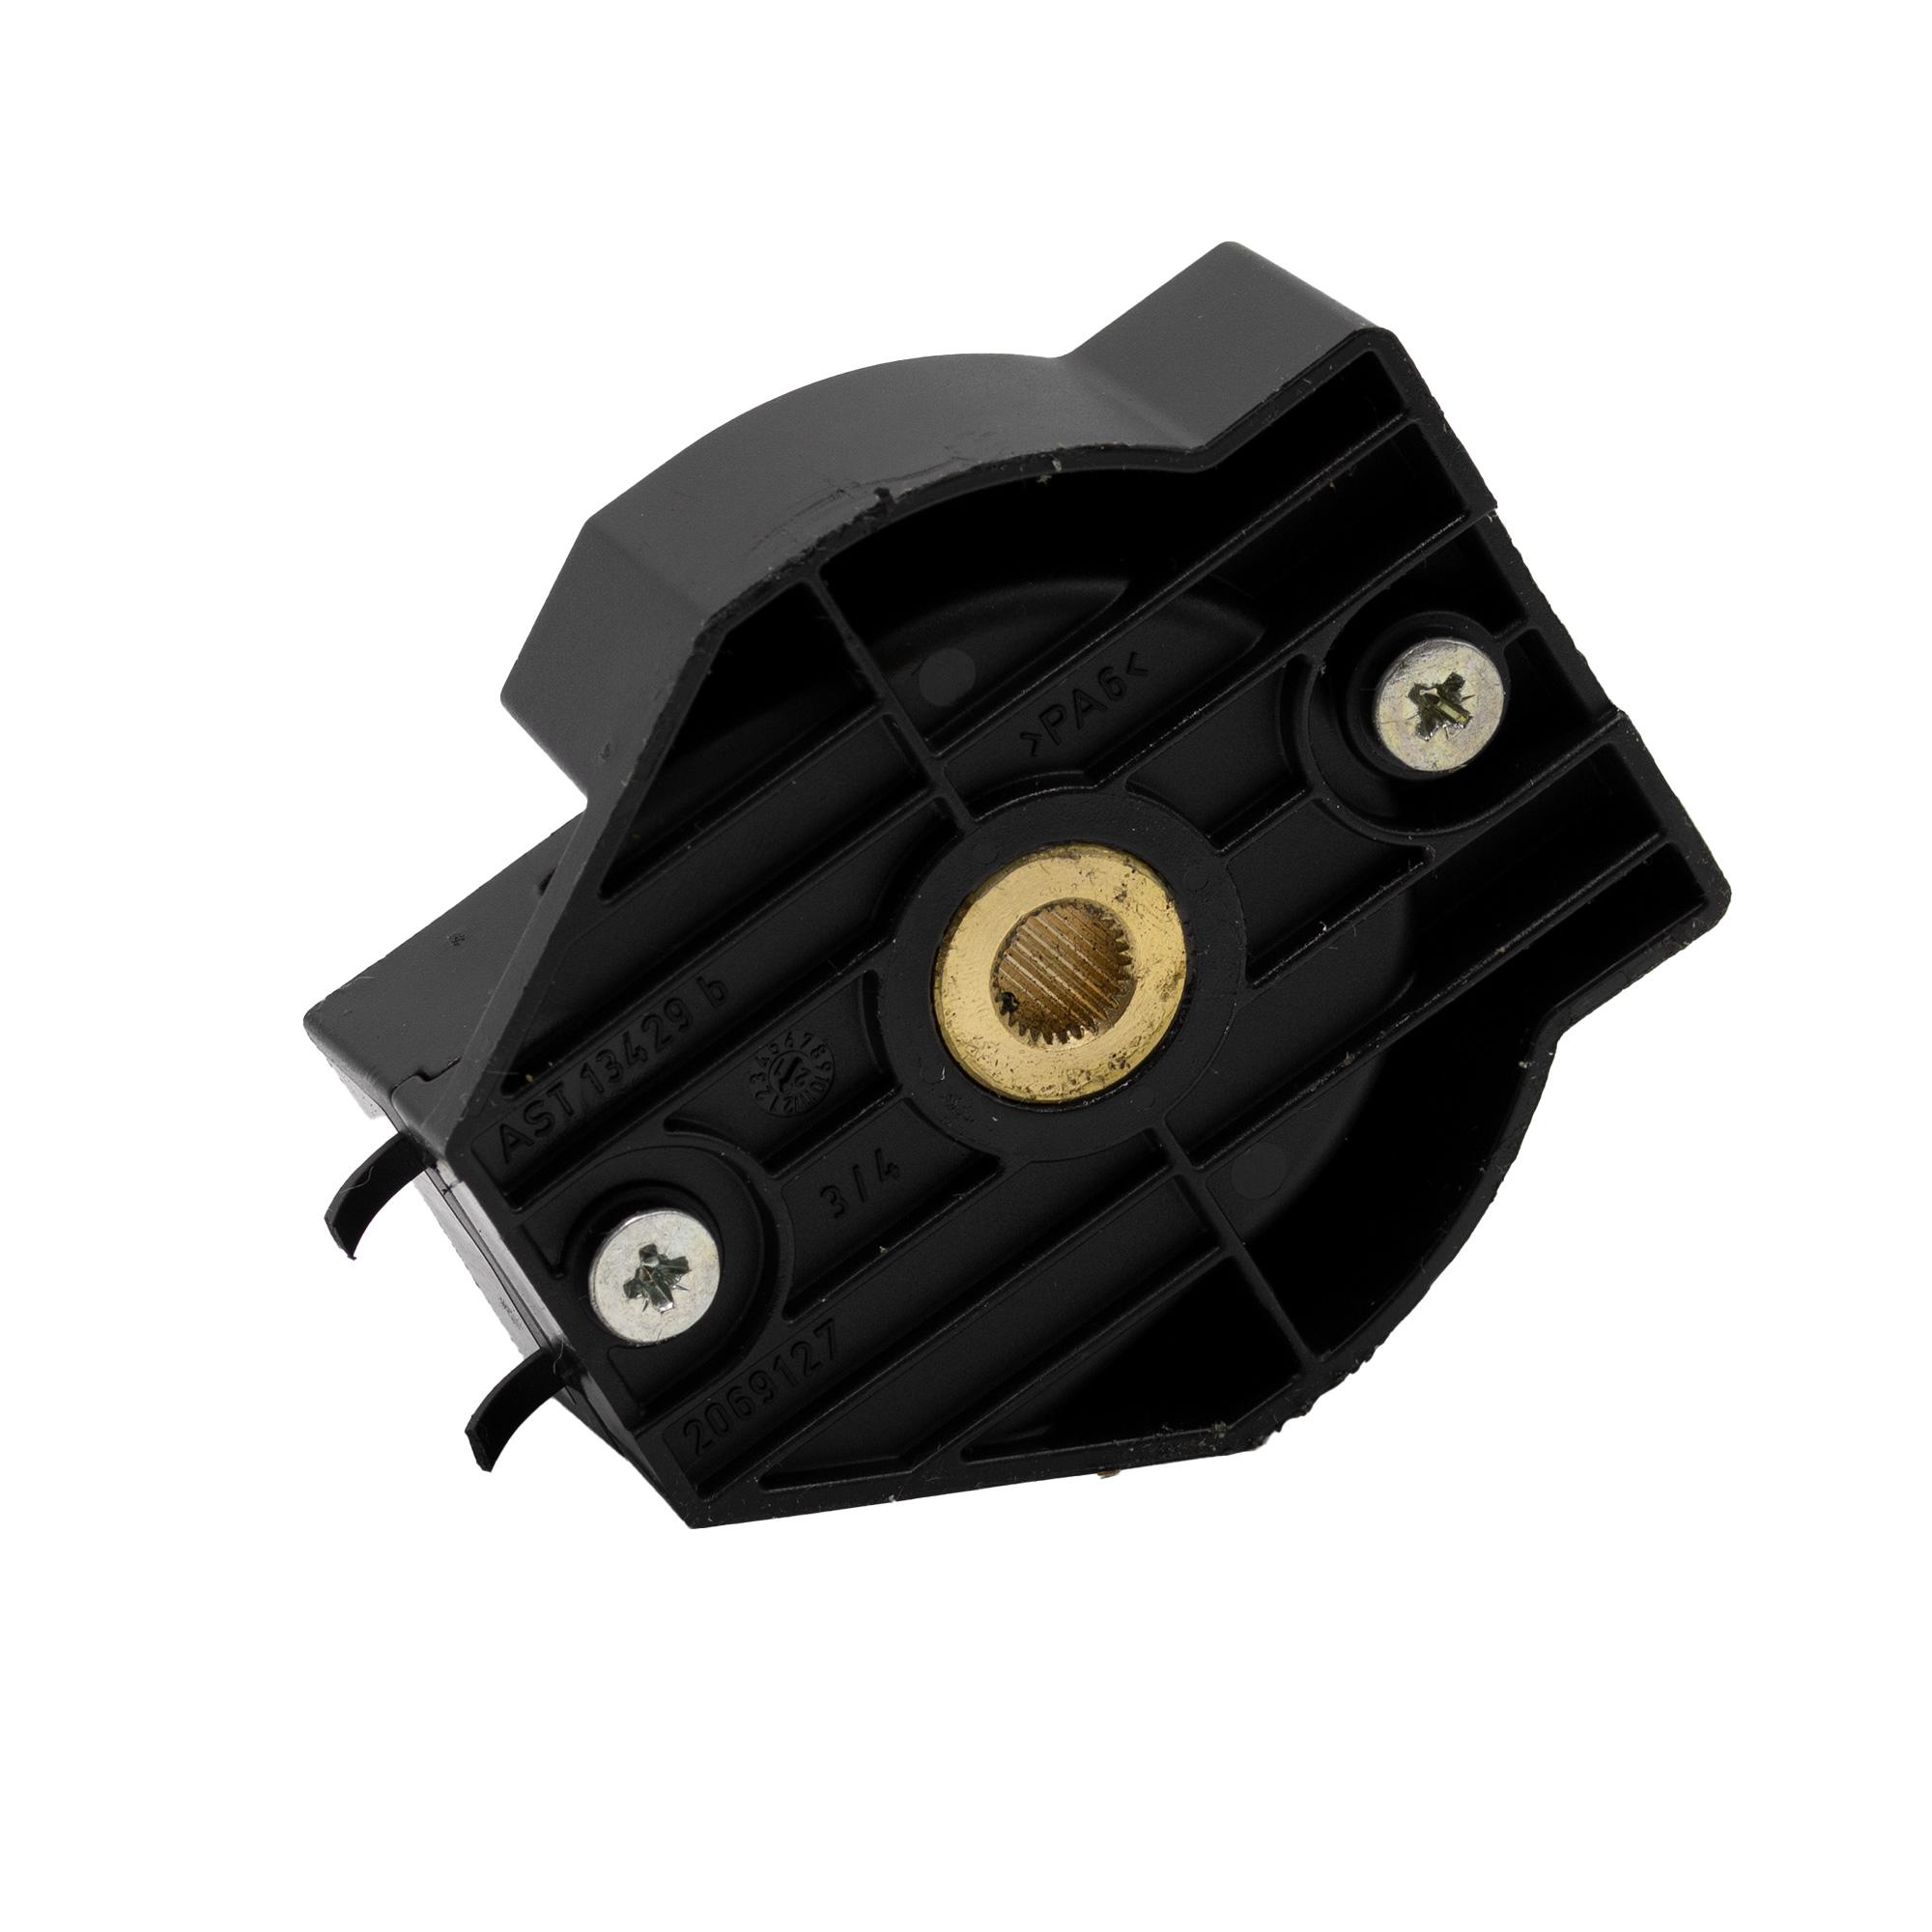 Hörmann Antriebsscheibenhalter für FS10 / 2 mit Zahngurt